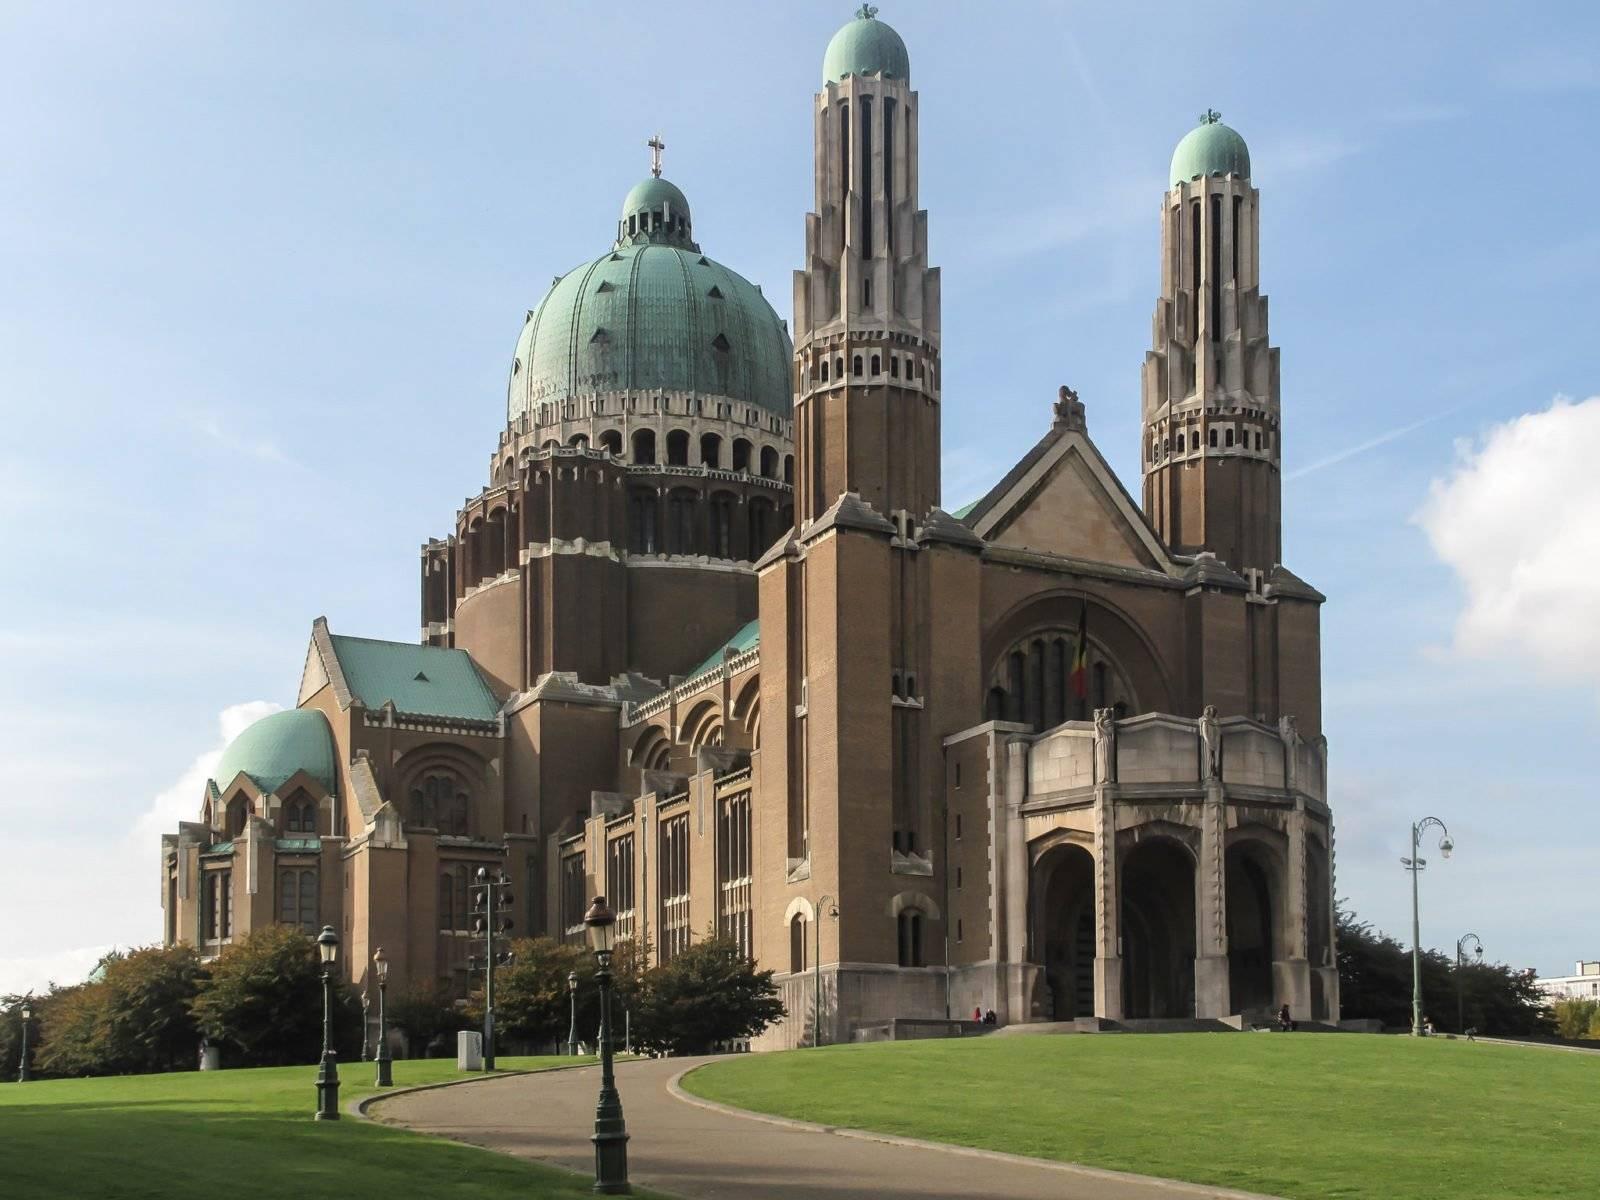 Кёльнский собор – самый большой храм германии в готическом стиле